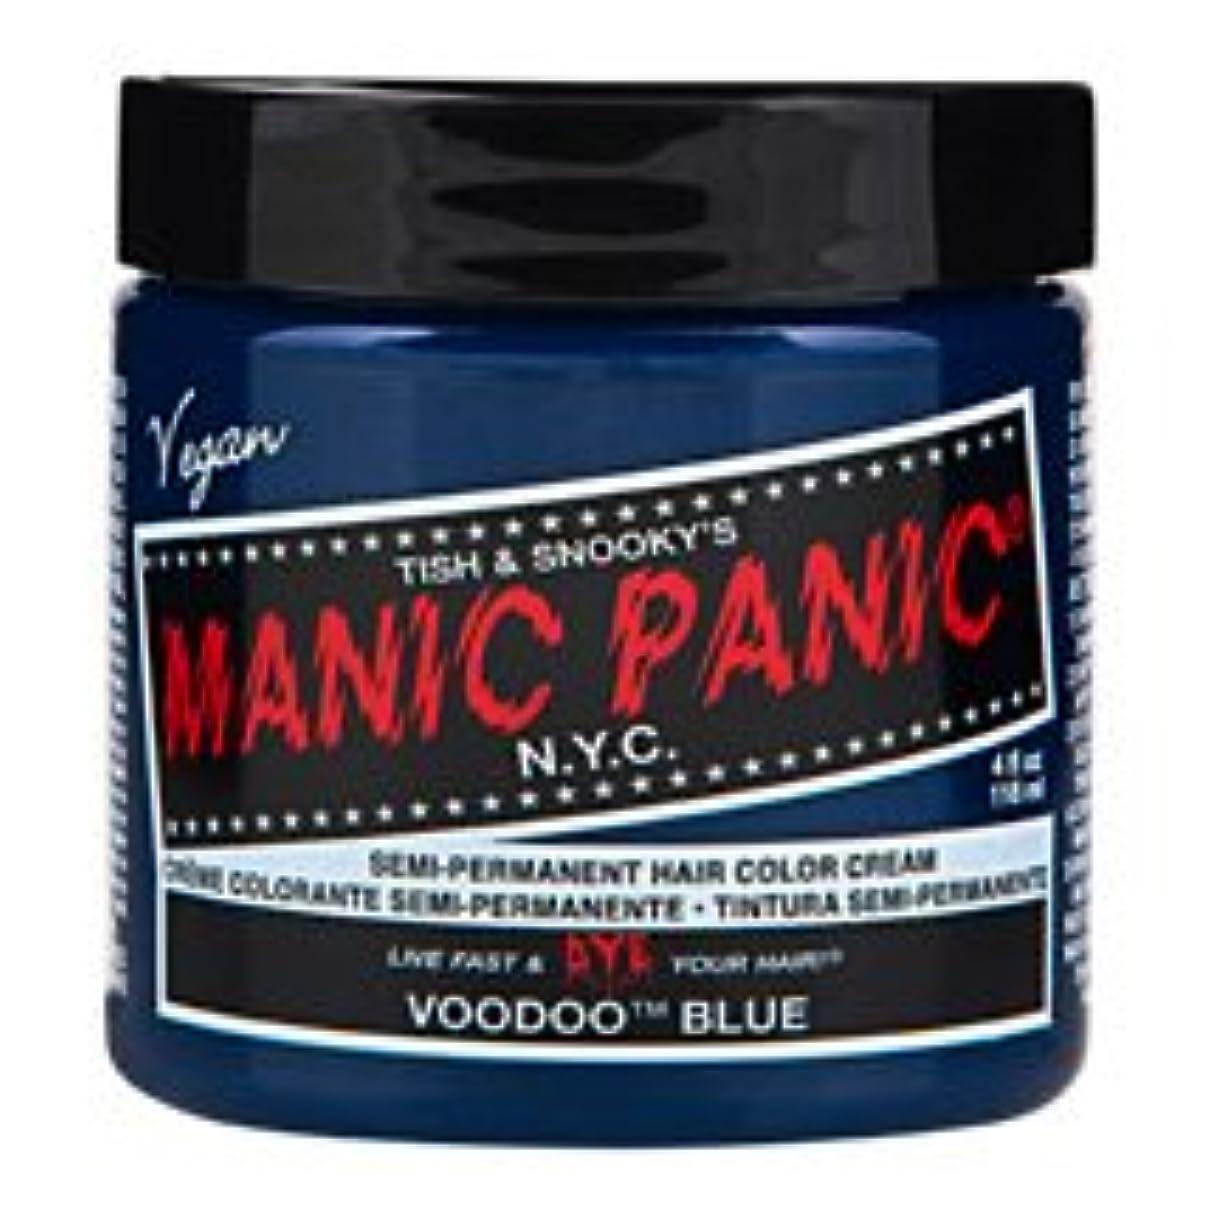 化学薬品ウサギ燃料スペシャルセットMANIC PANICマニックパニック:Voodoo Blue (ブゥードゥーブルー)+ヘアカラーケア4点セット